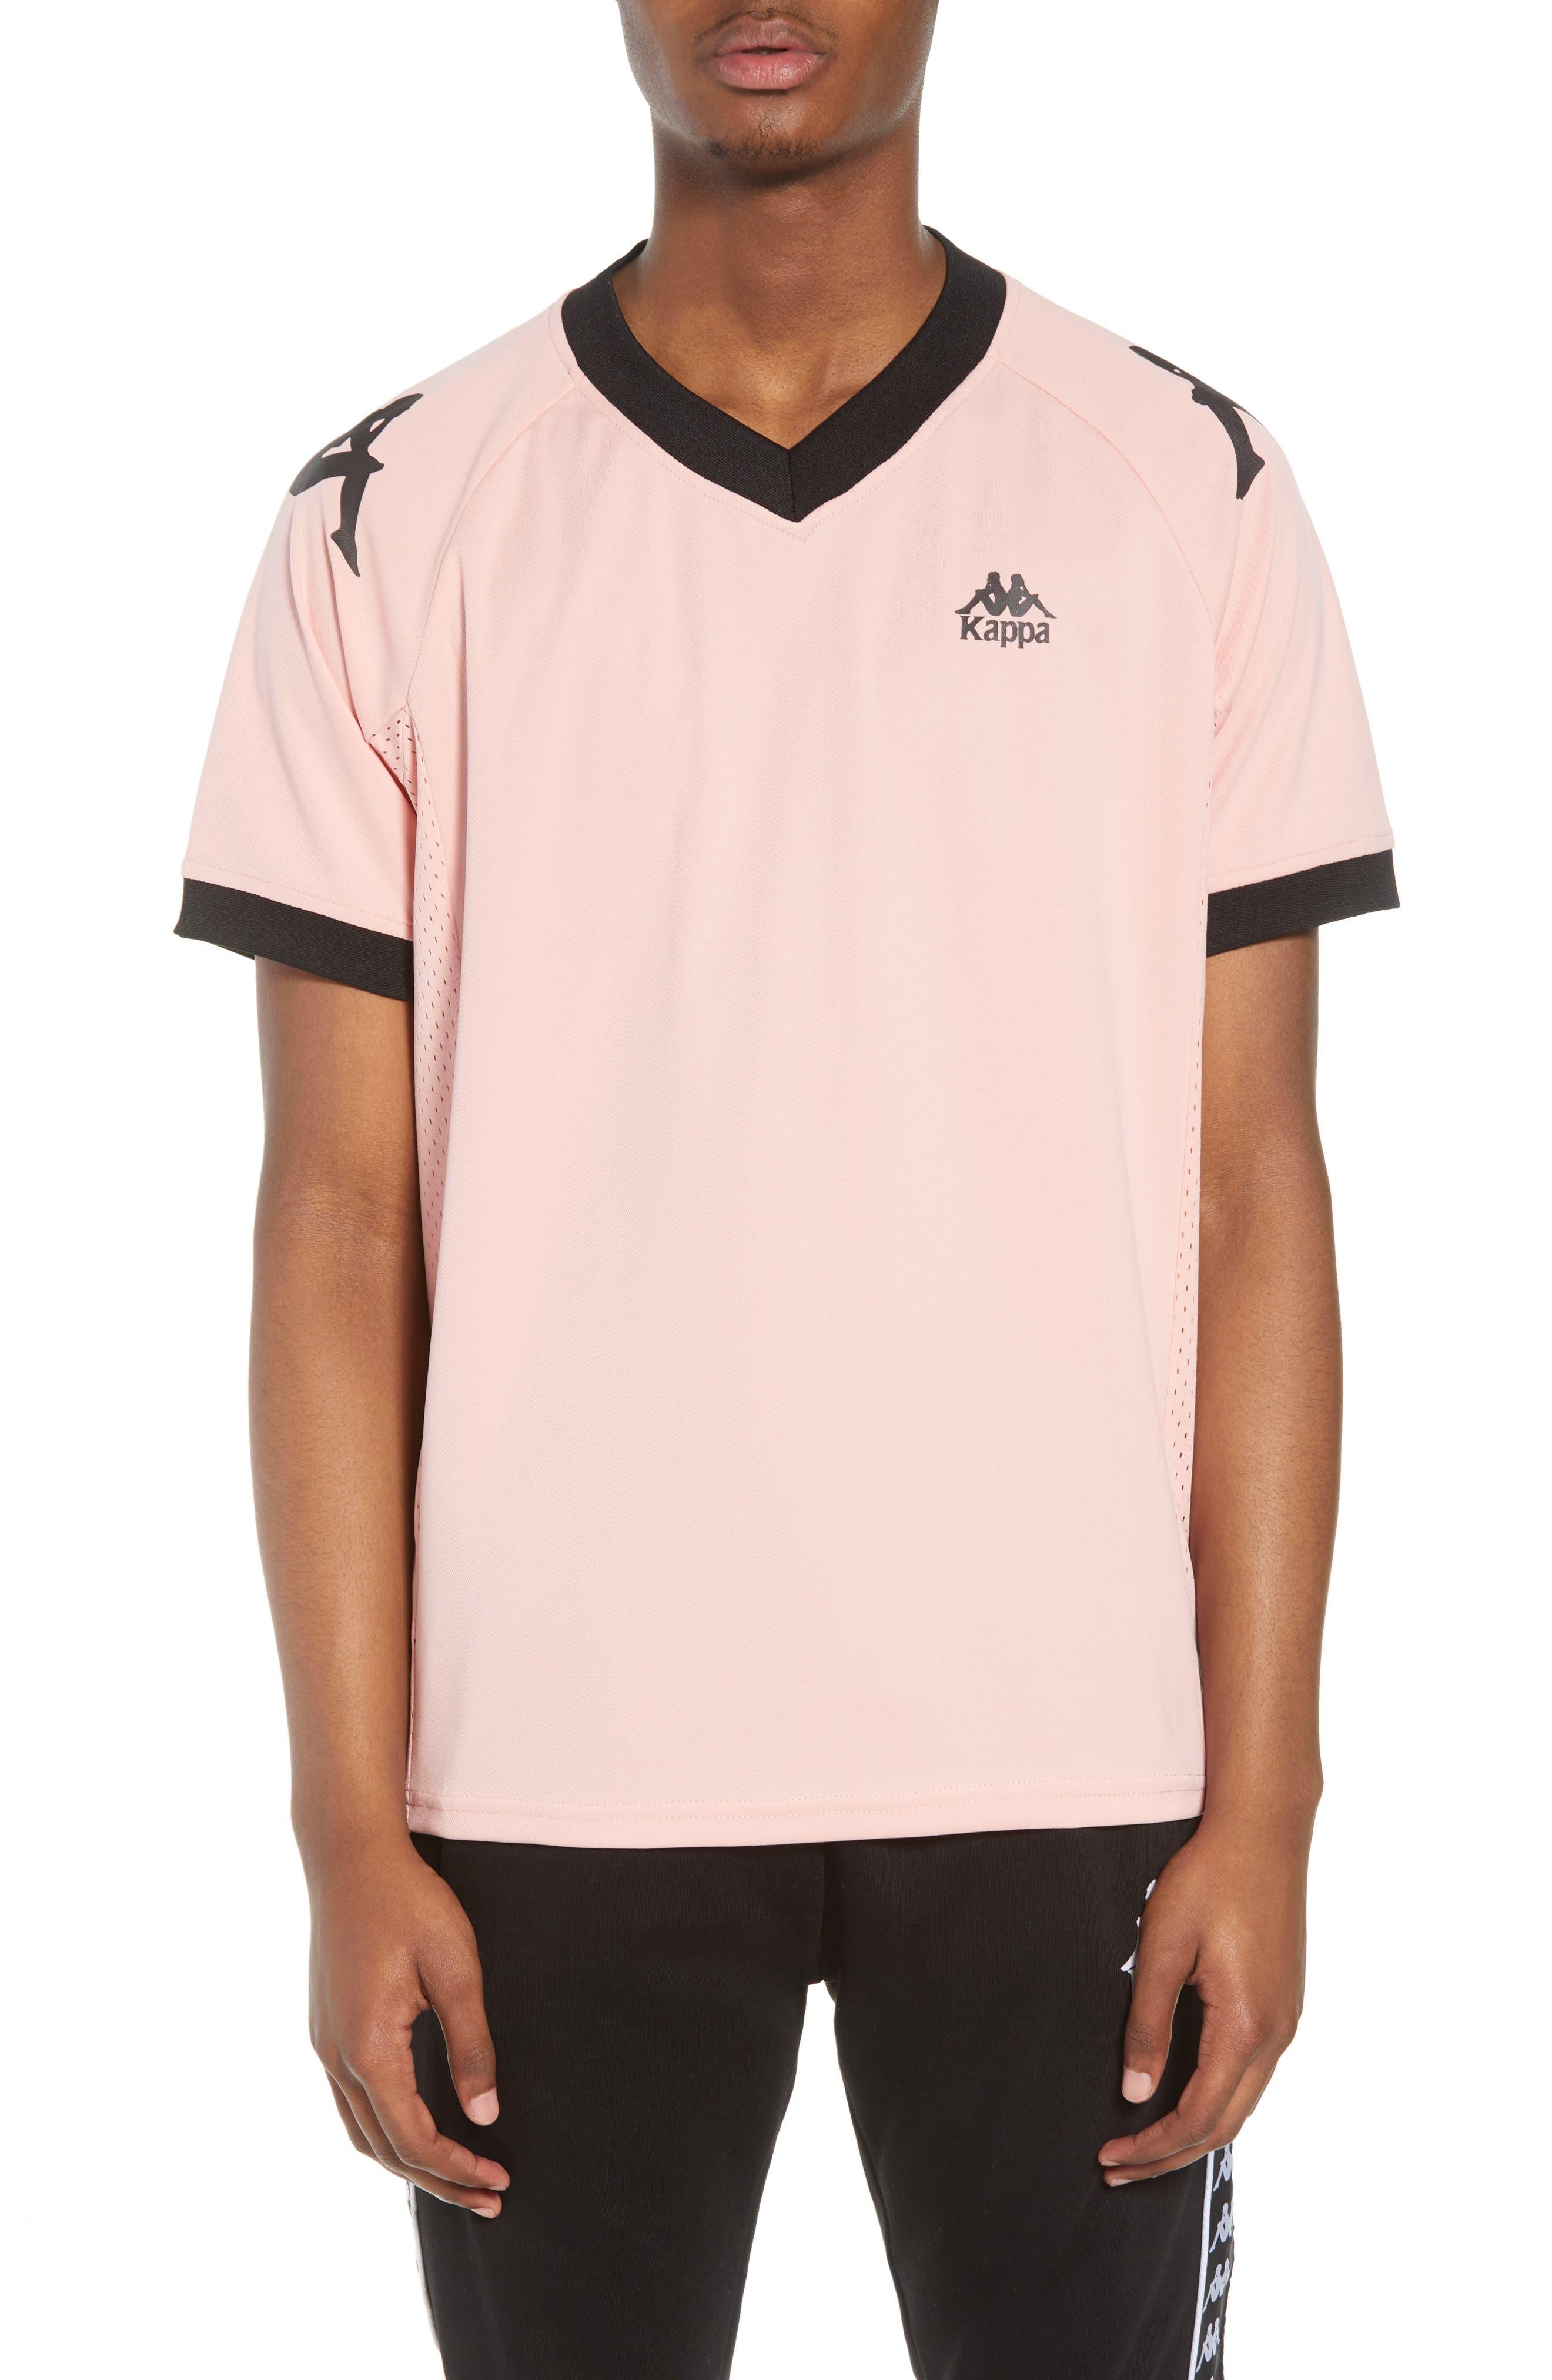 Kappa Futbol Jersey